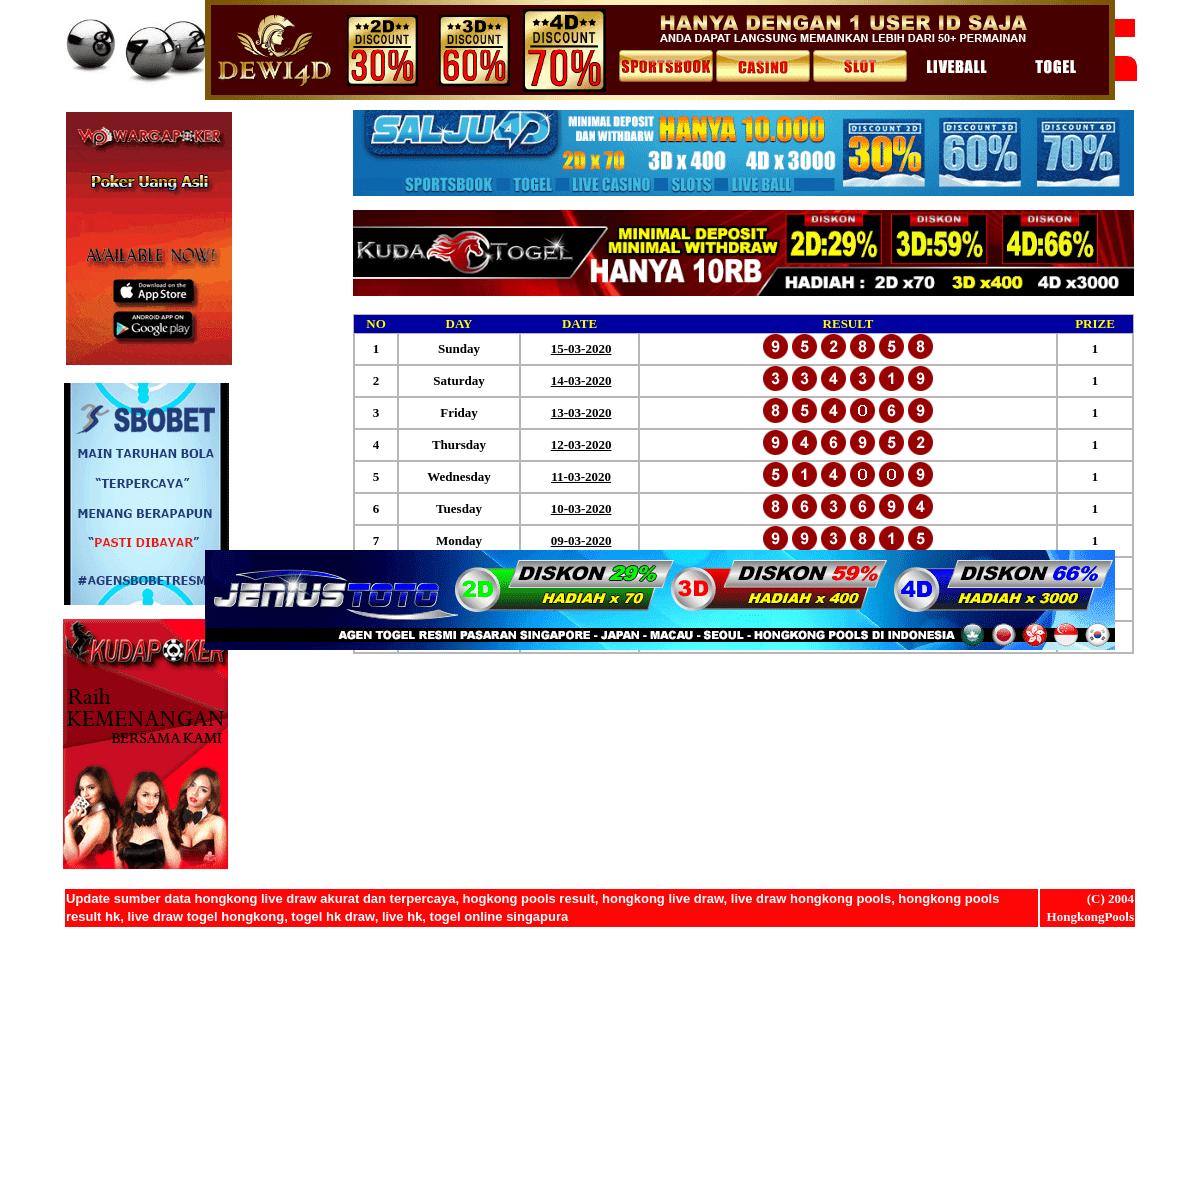 Live Draw Hongkong Pools Result - Live Data HK Togel